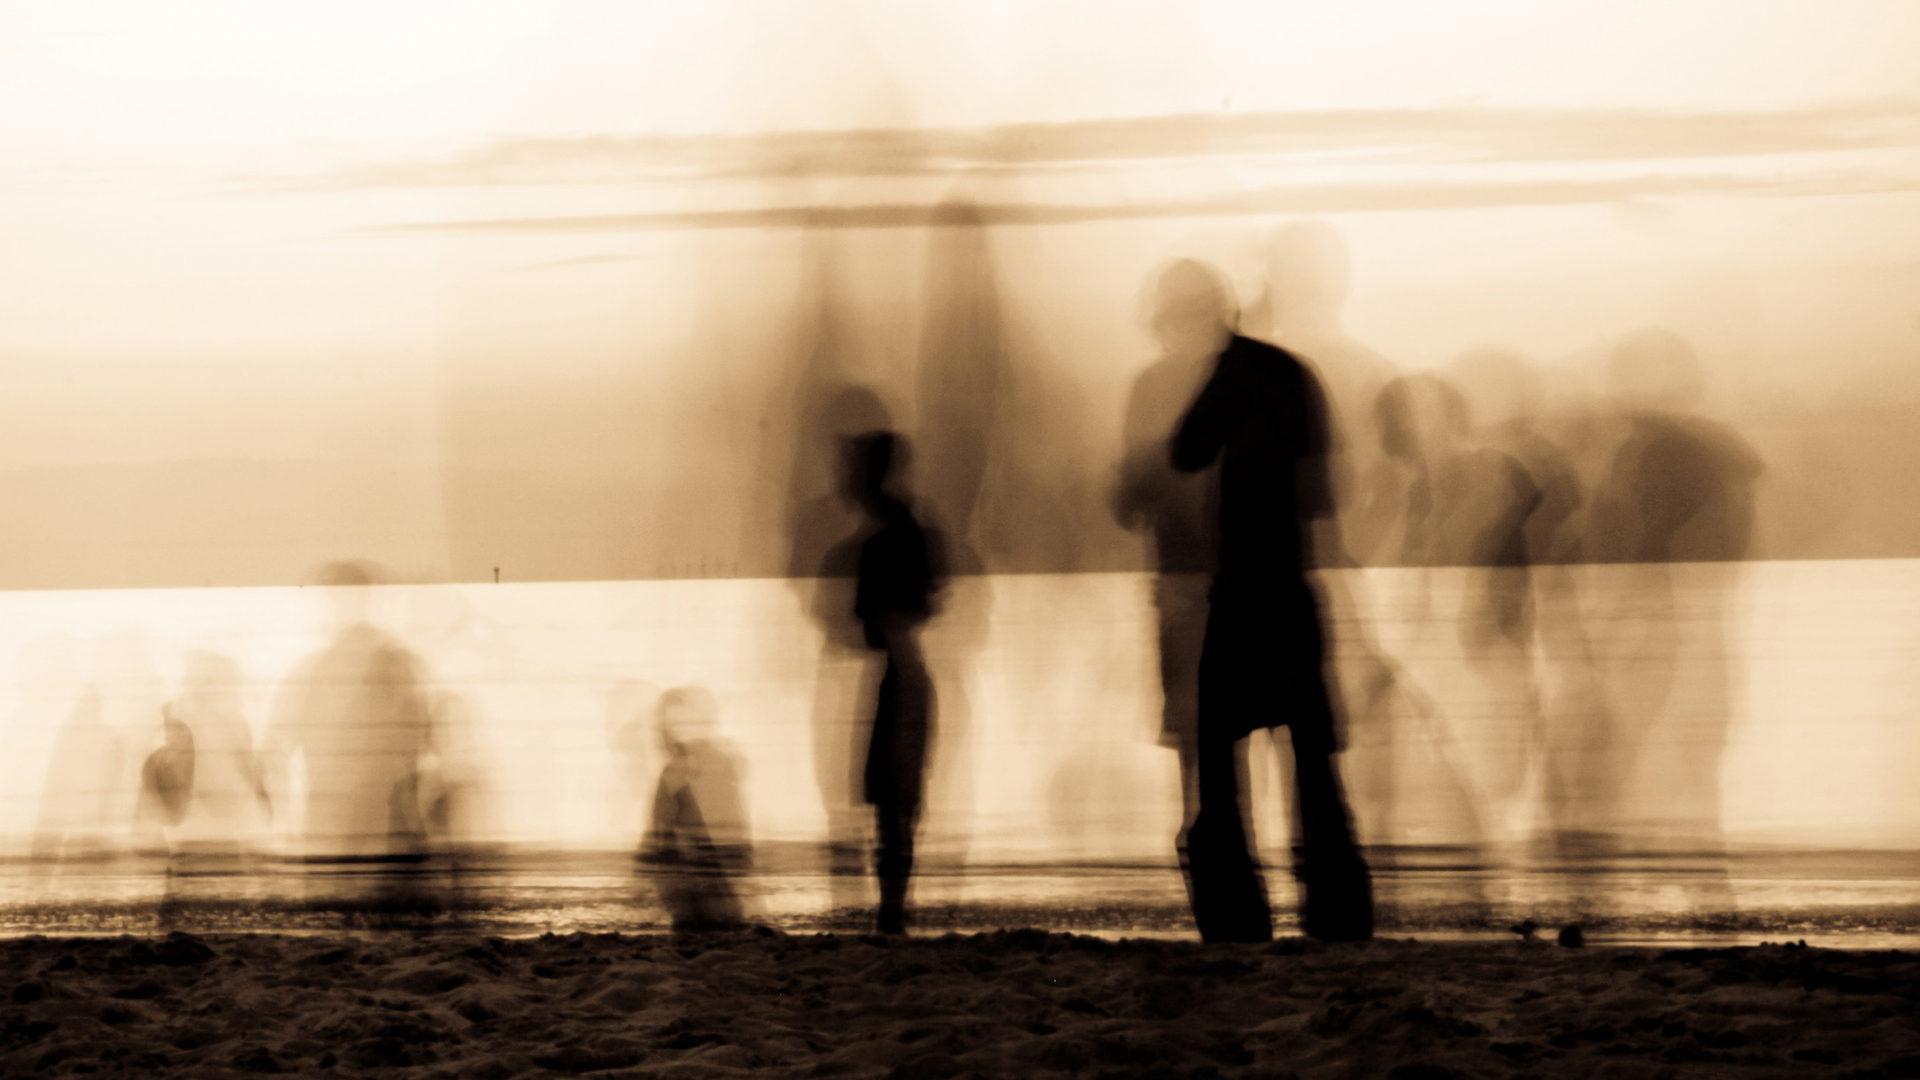 Psykoosilääkkeitä käytetään yleisimmin lasten käytöshäiriöiden hoitoon. A